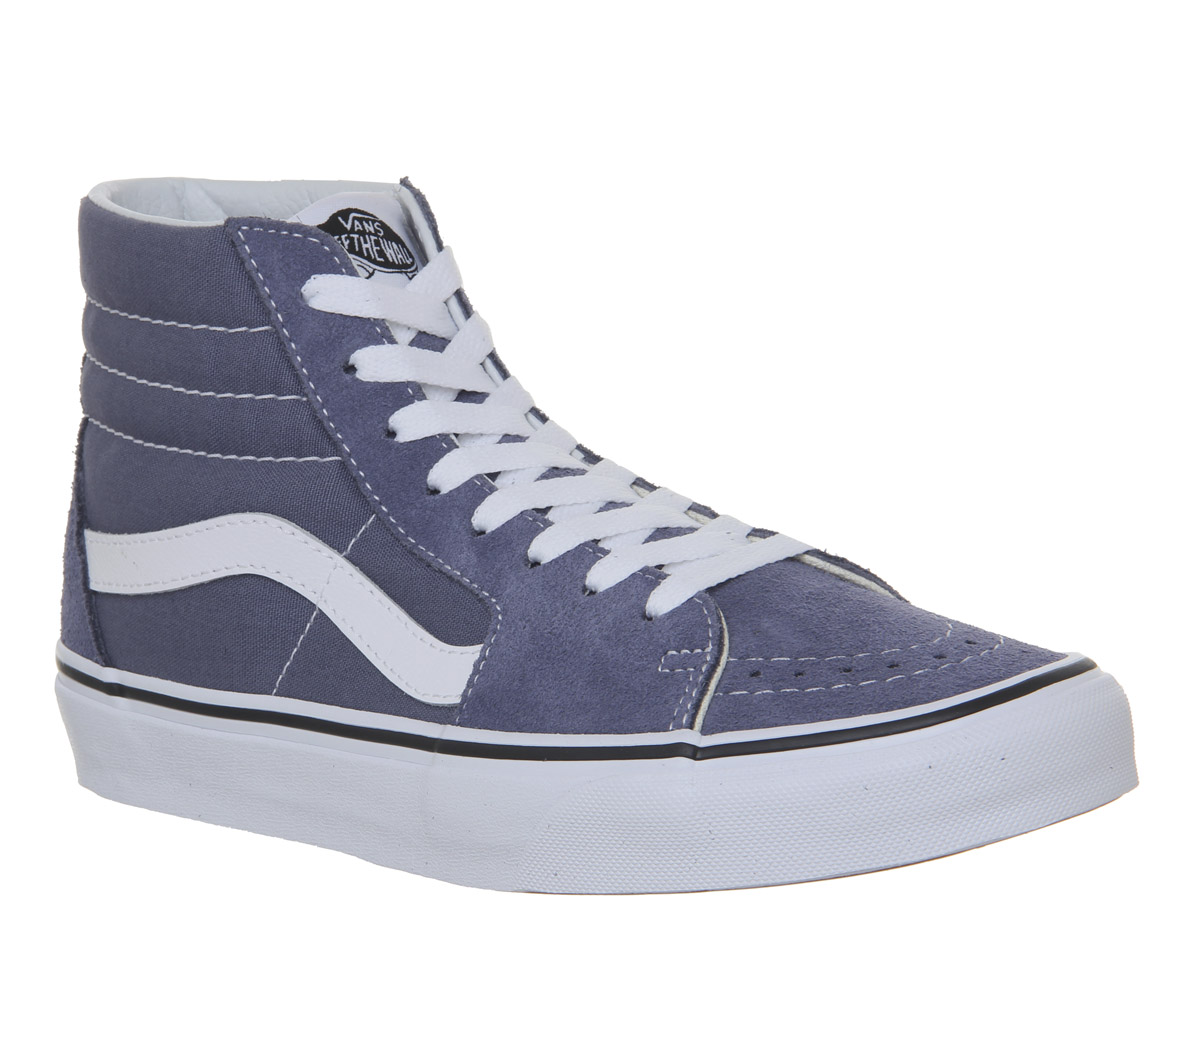 scarpe donna vans bianche